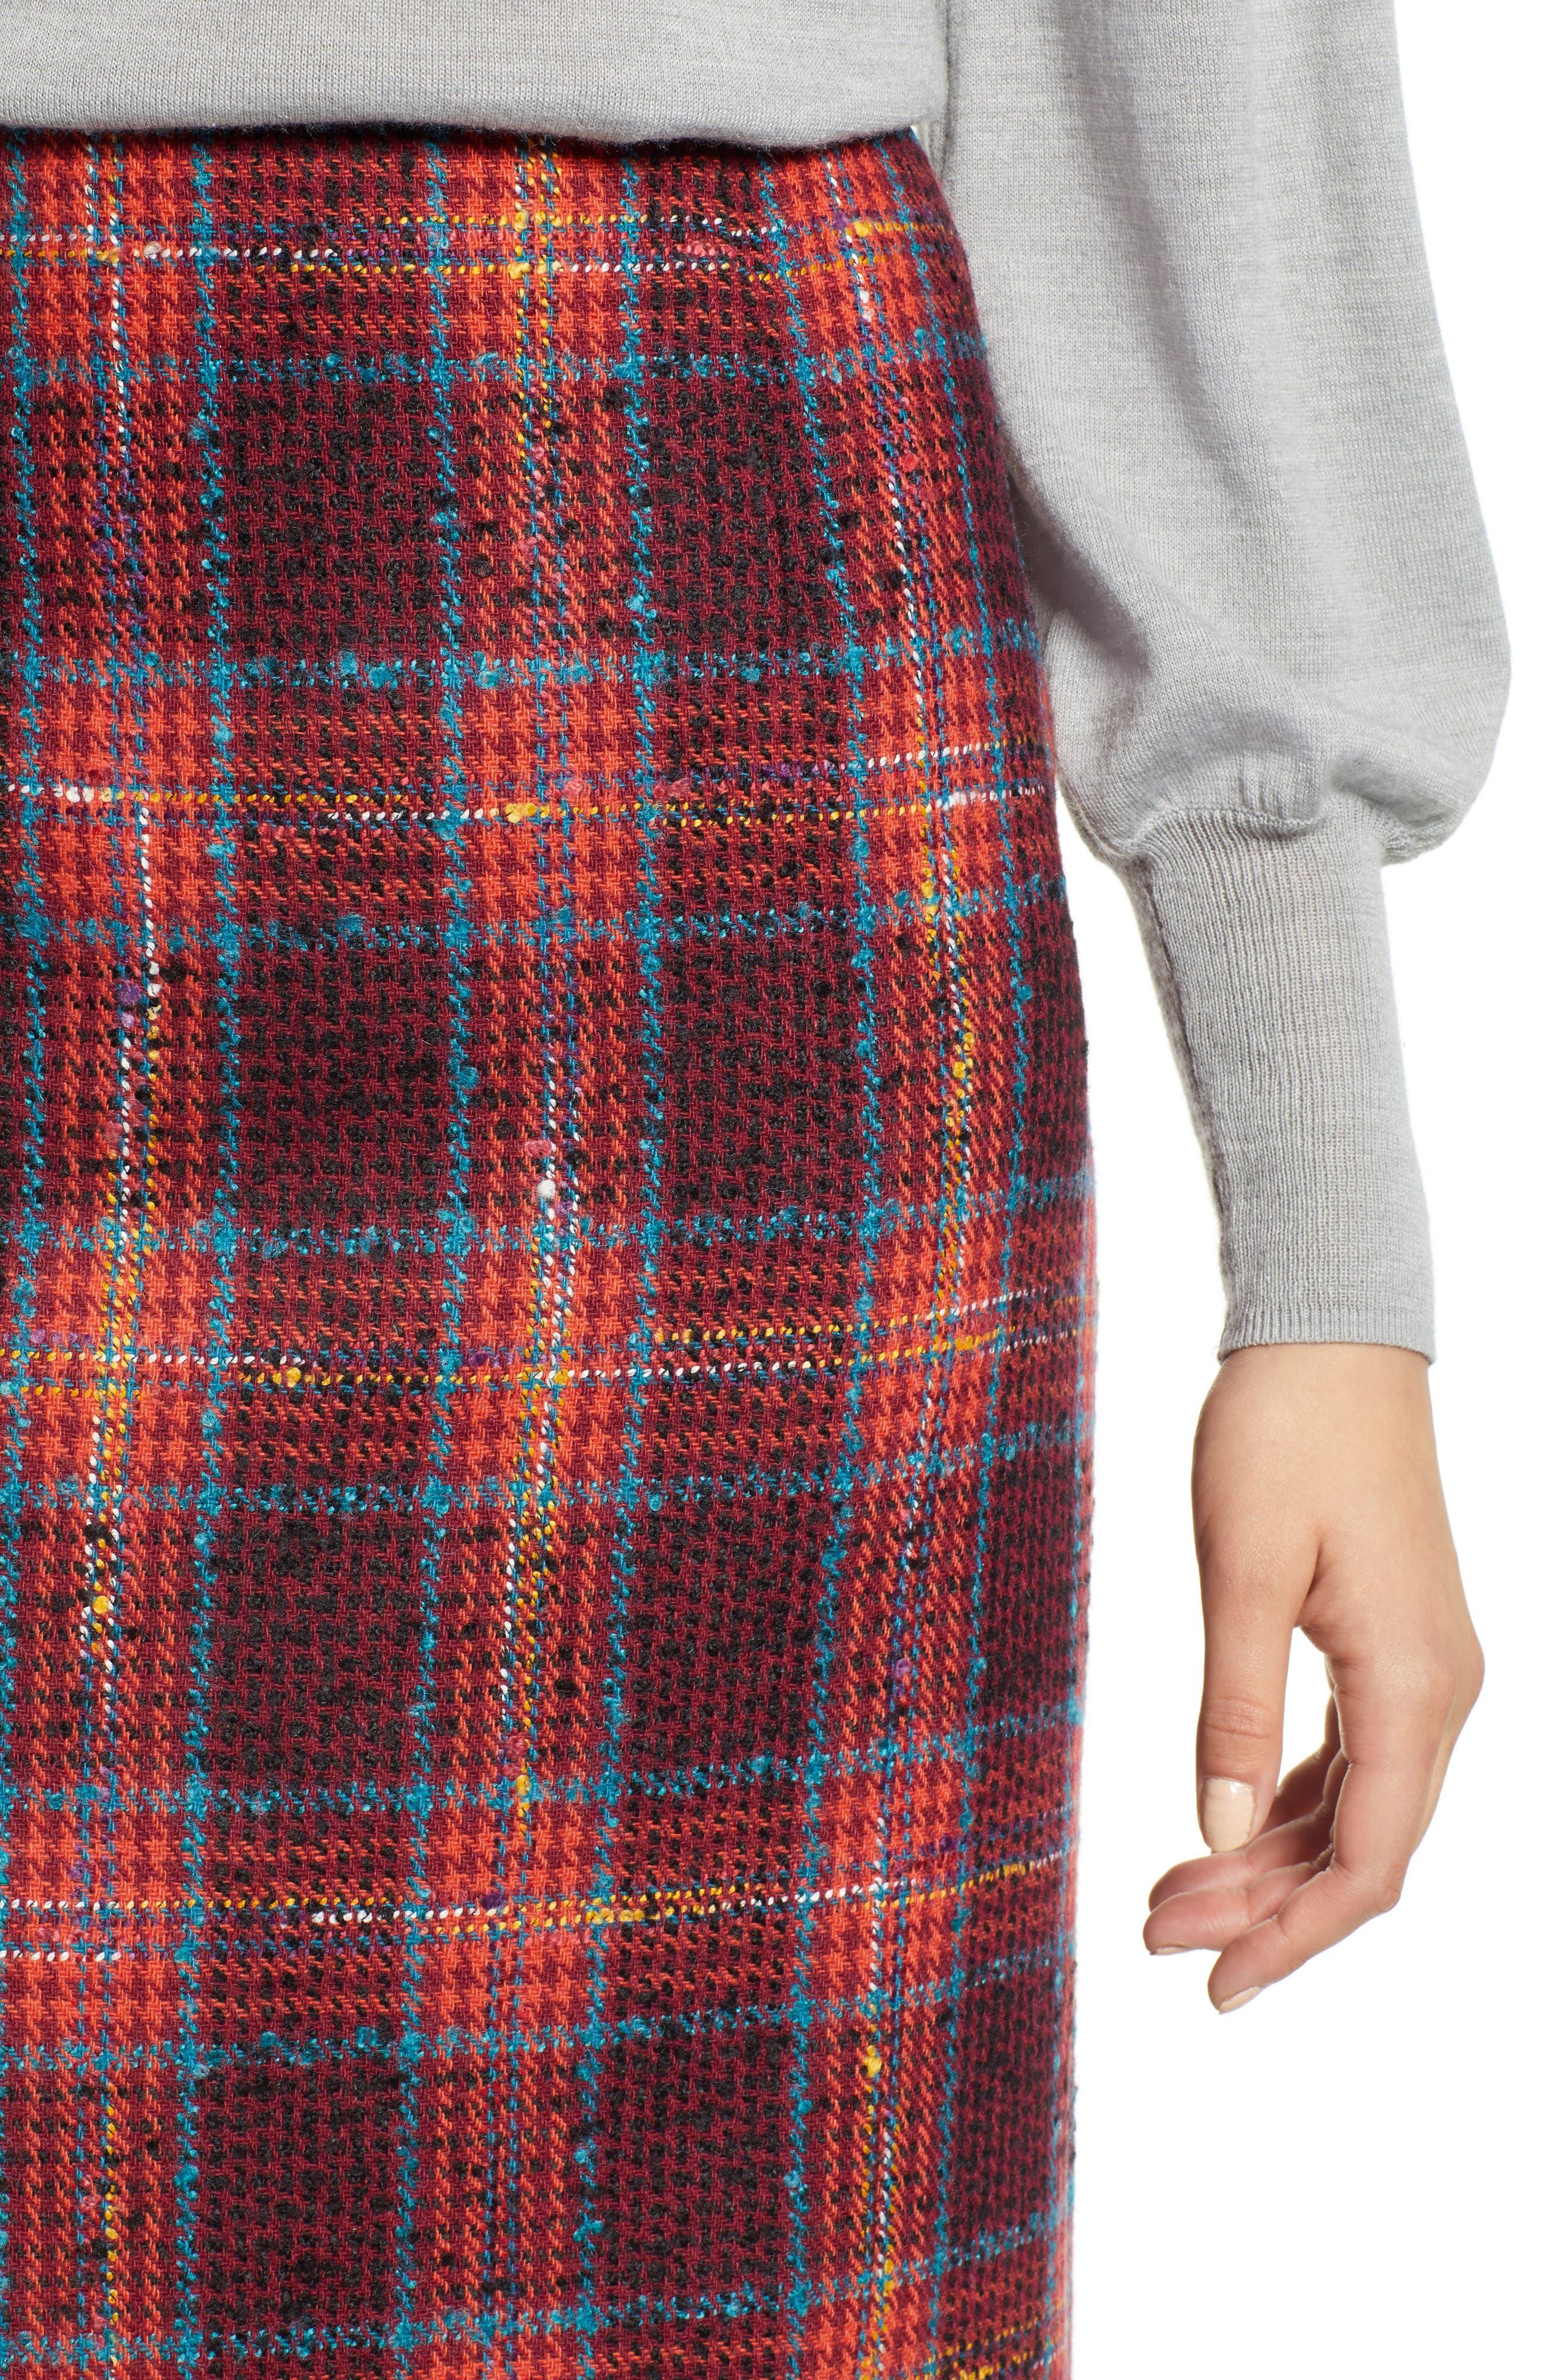 Plaid Tweed Pencil Skirt,                             Alternate thumbnail 4, color,                             RED MULTI PLAID